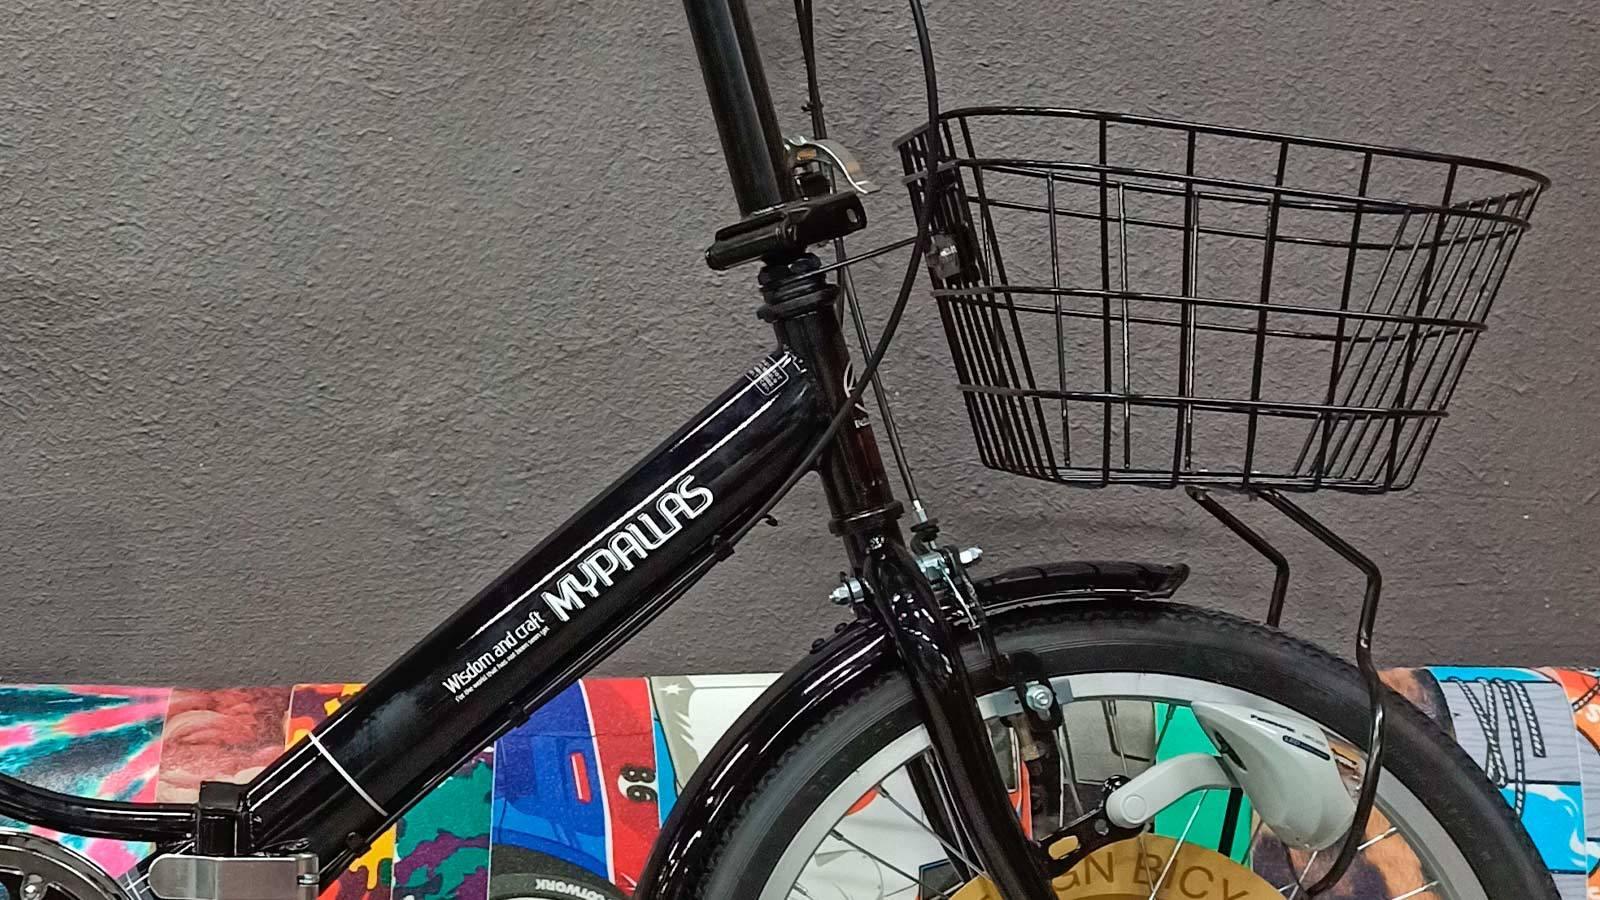 рулевая стойка и корзина взрослого складного велосипеда